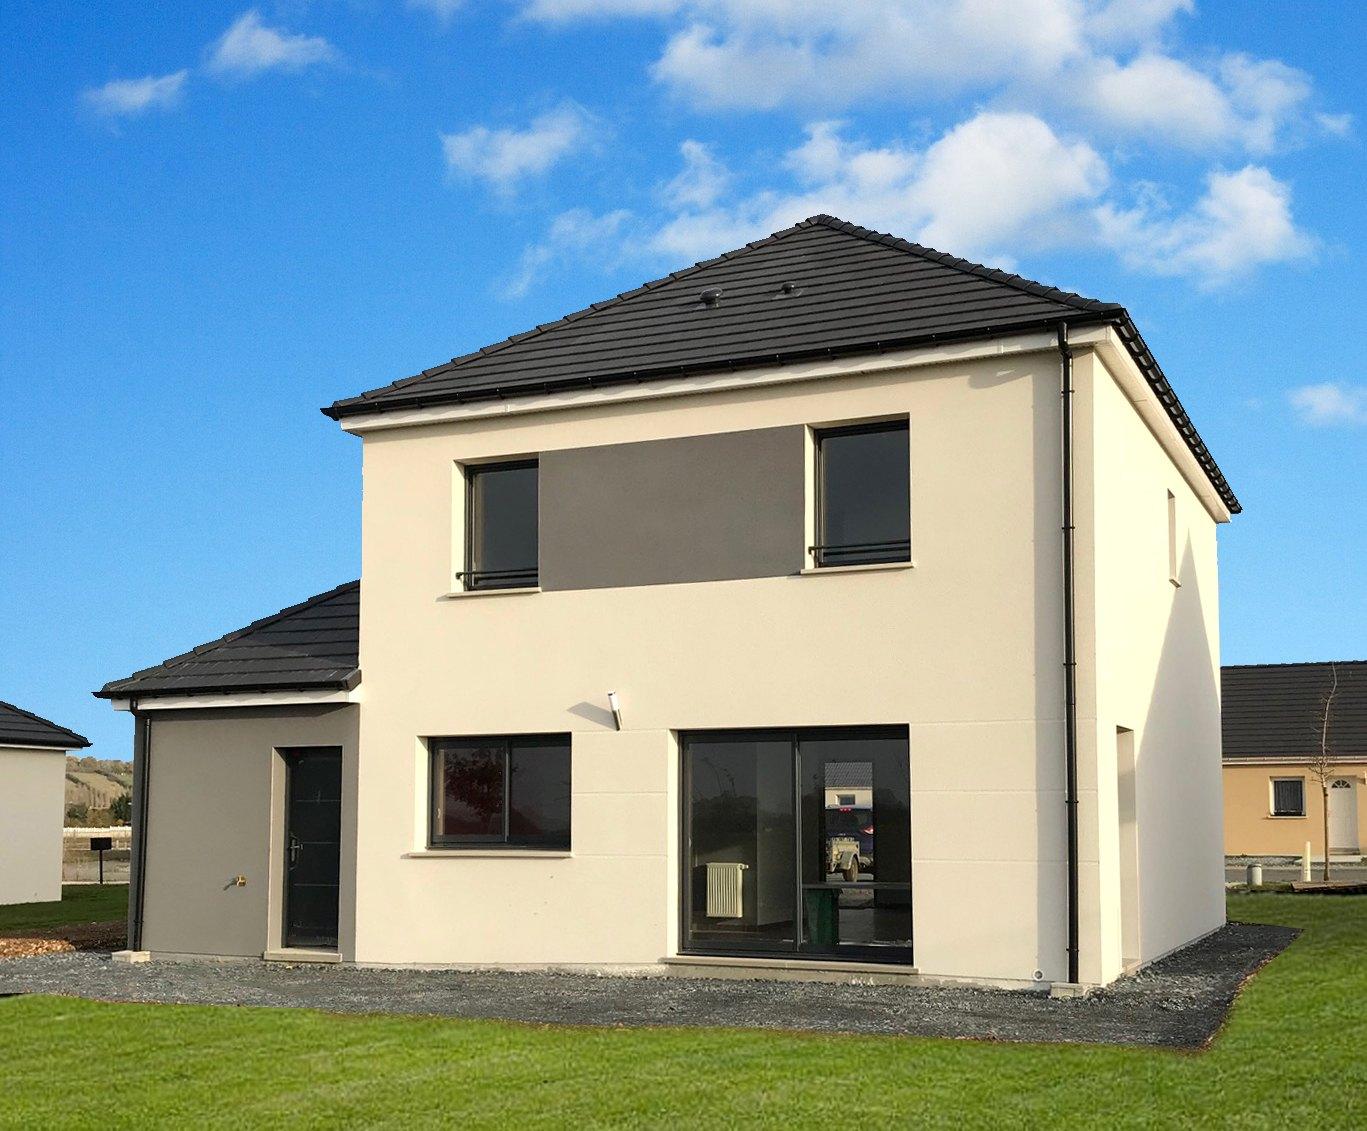 Maisons + Terrains du constructeur Maison Familiale Mazingarbe • 110 m² • HINGES